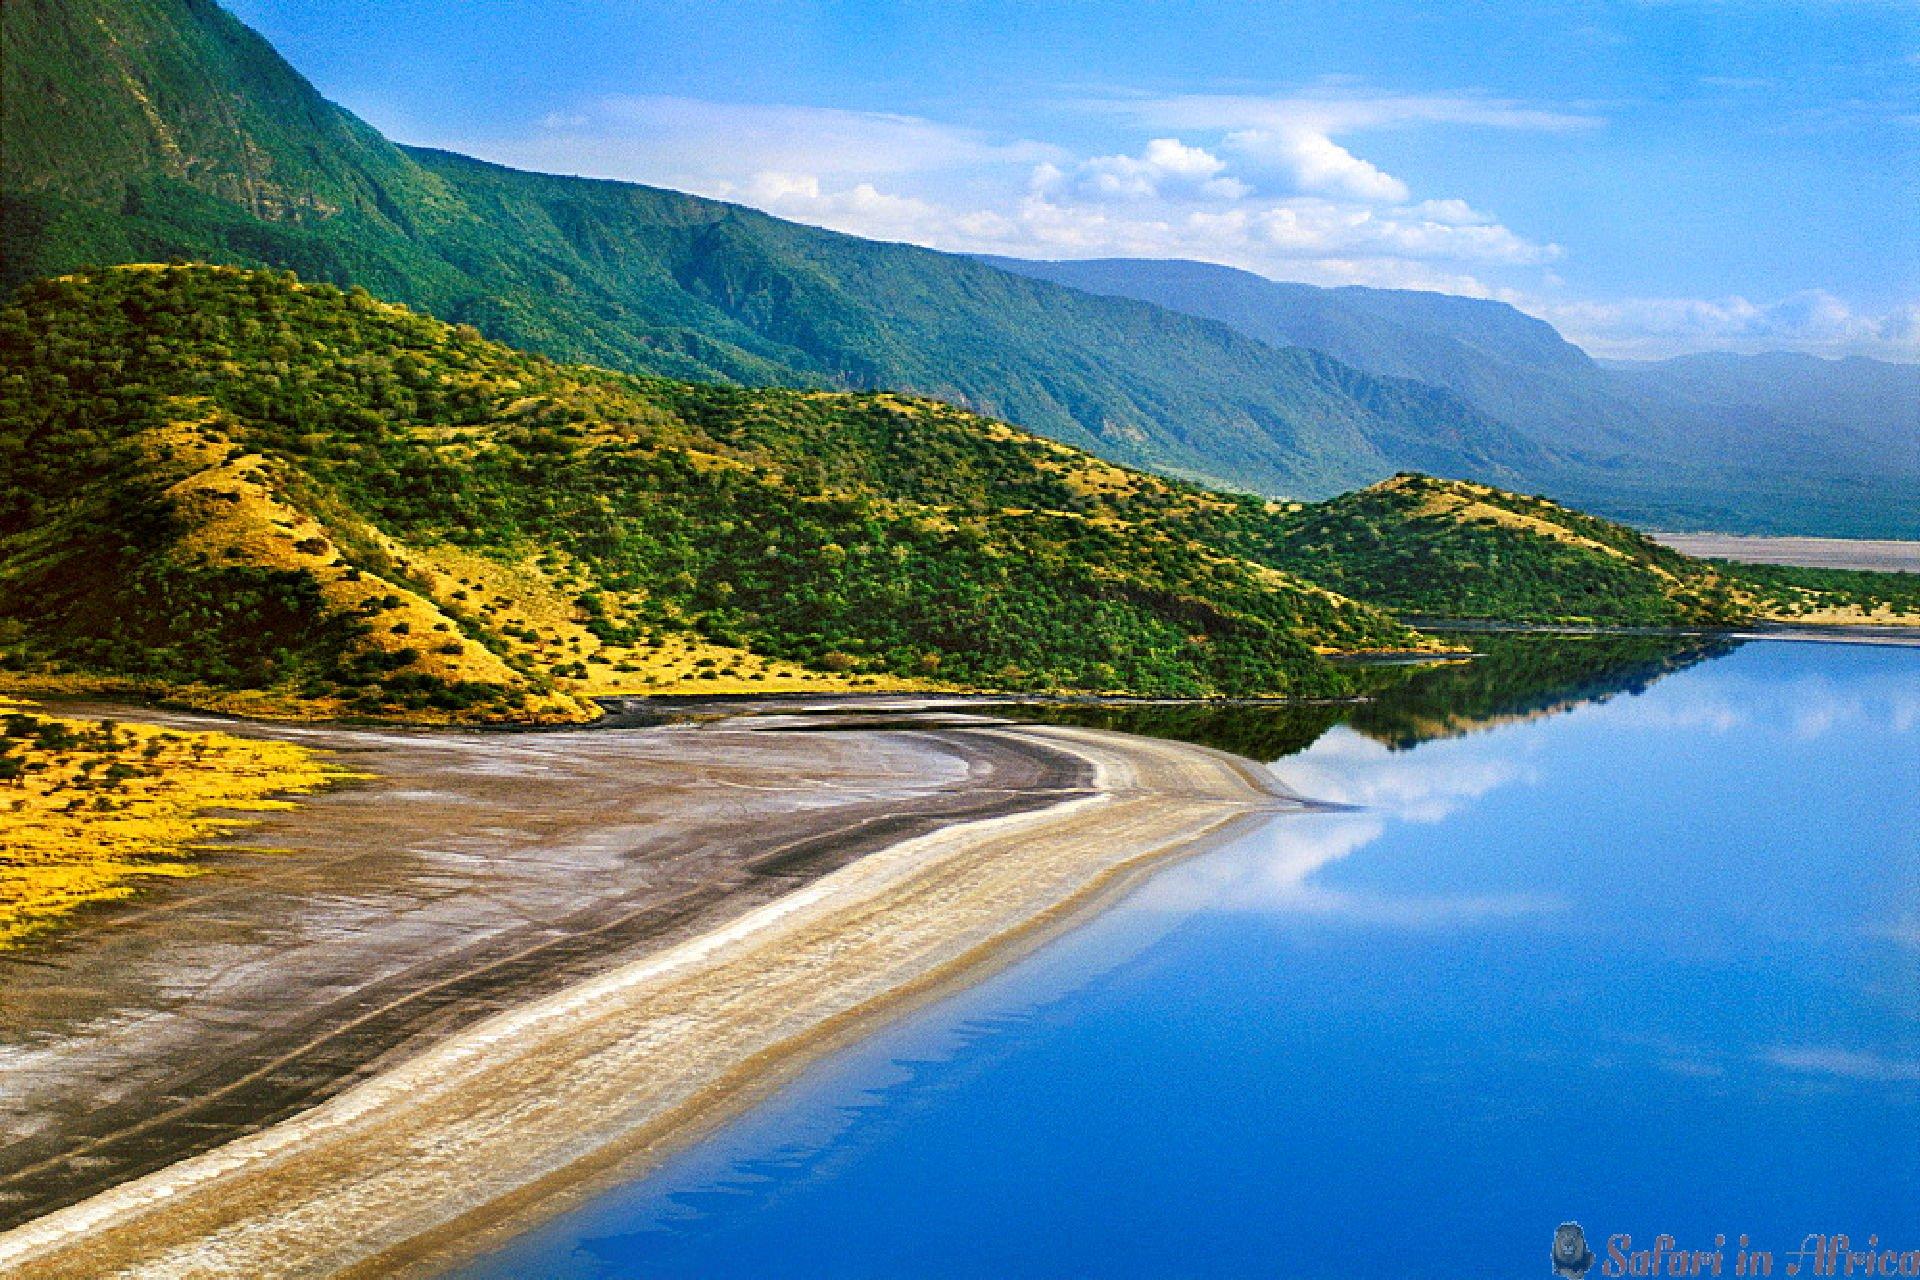 Lake Natron rift valley